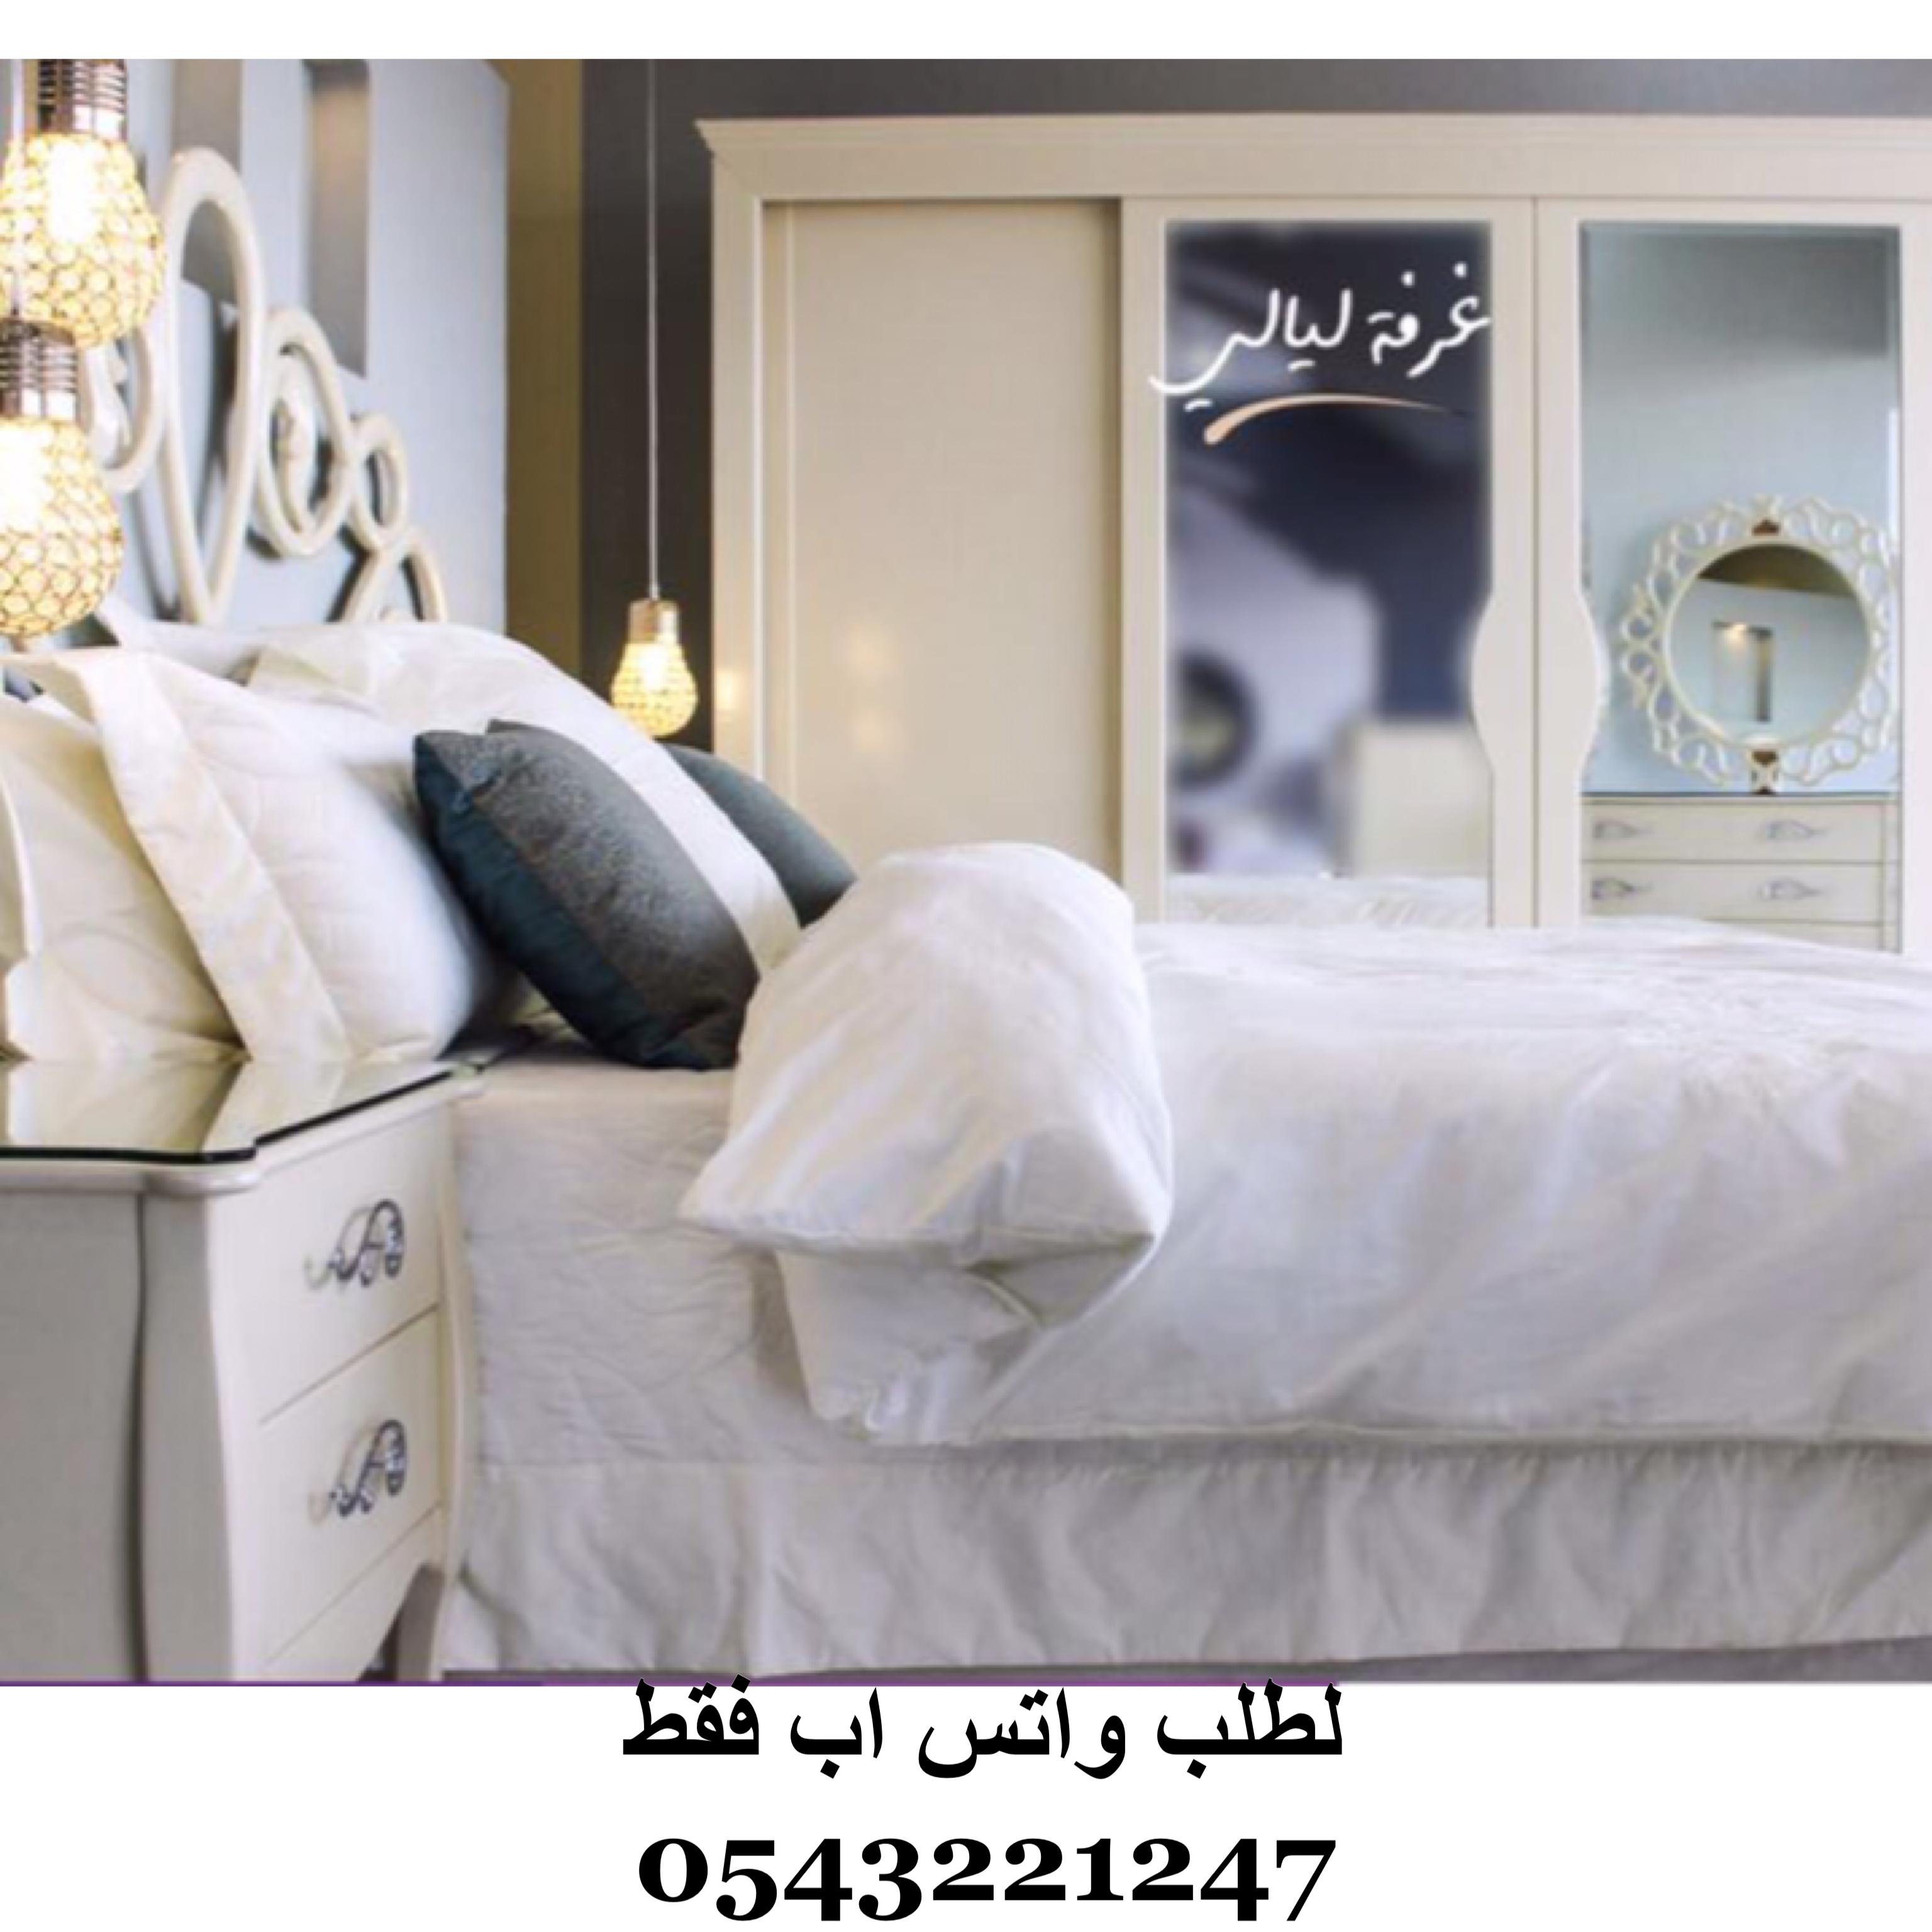 للبيع غرفة نوم ليالي ضمان 10 سنوات p_618b21y10.jpg